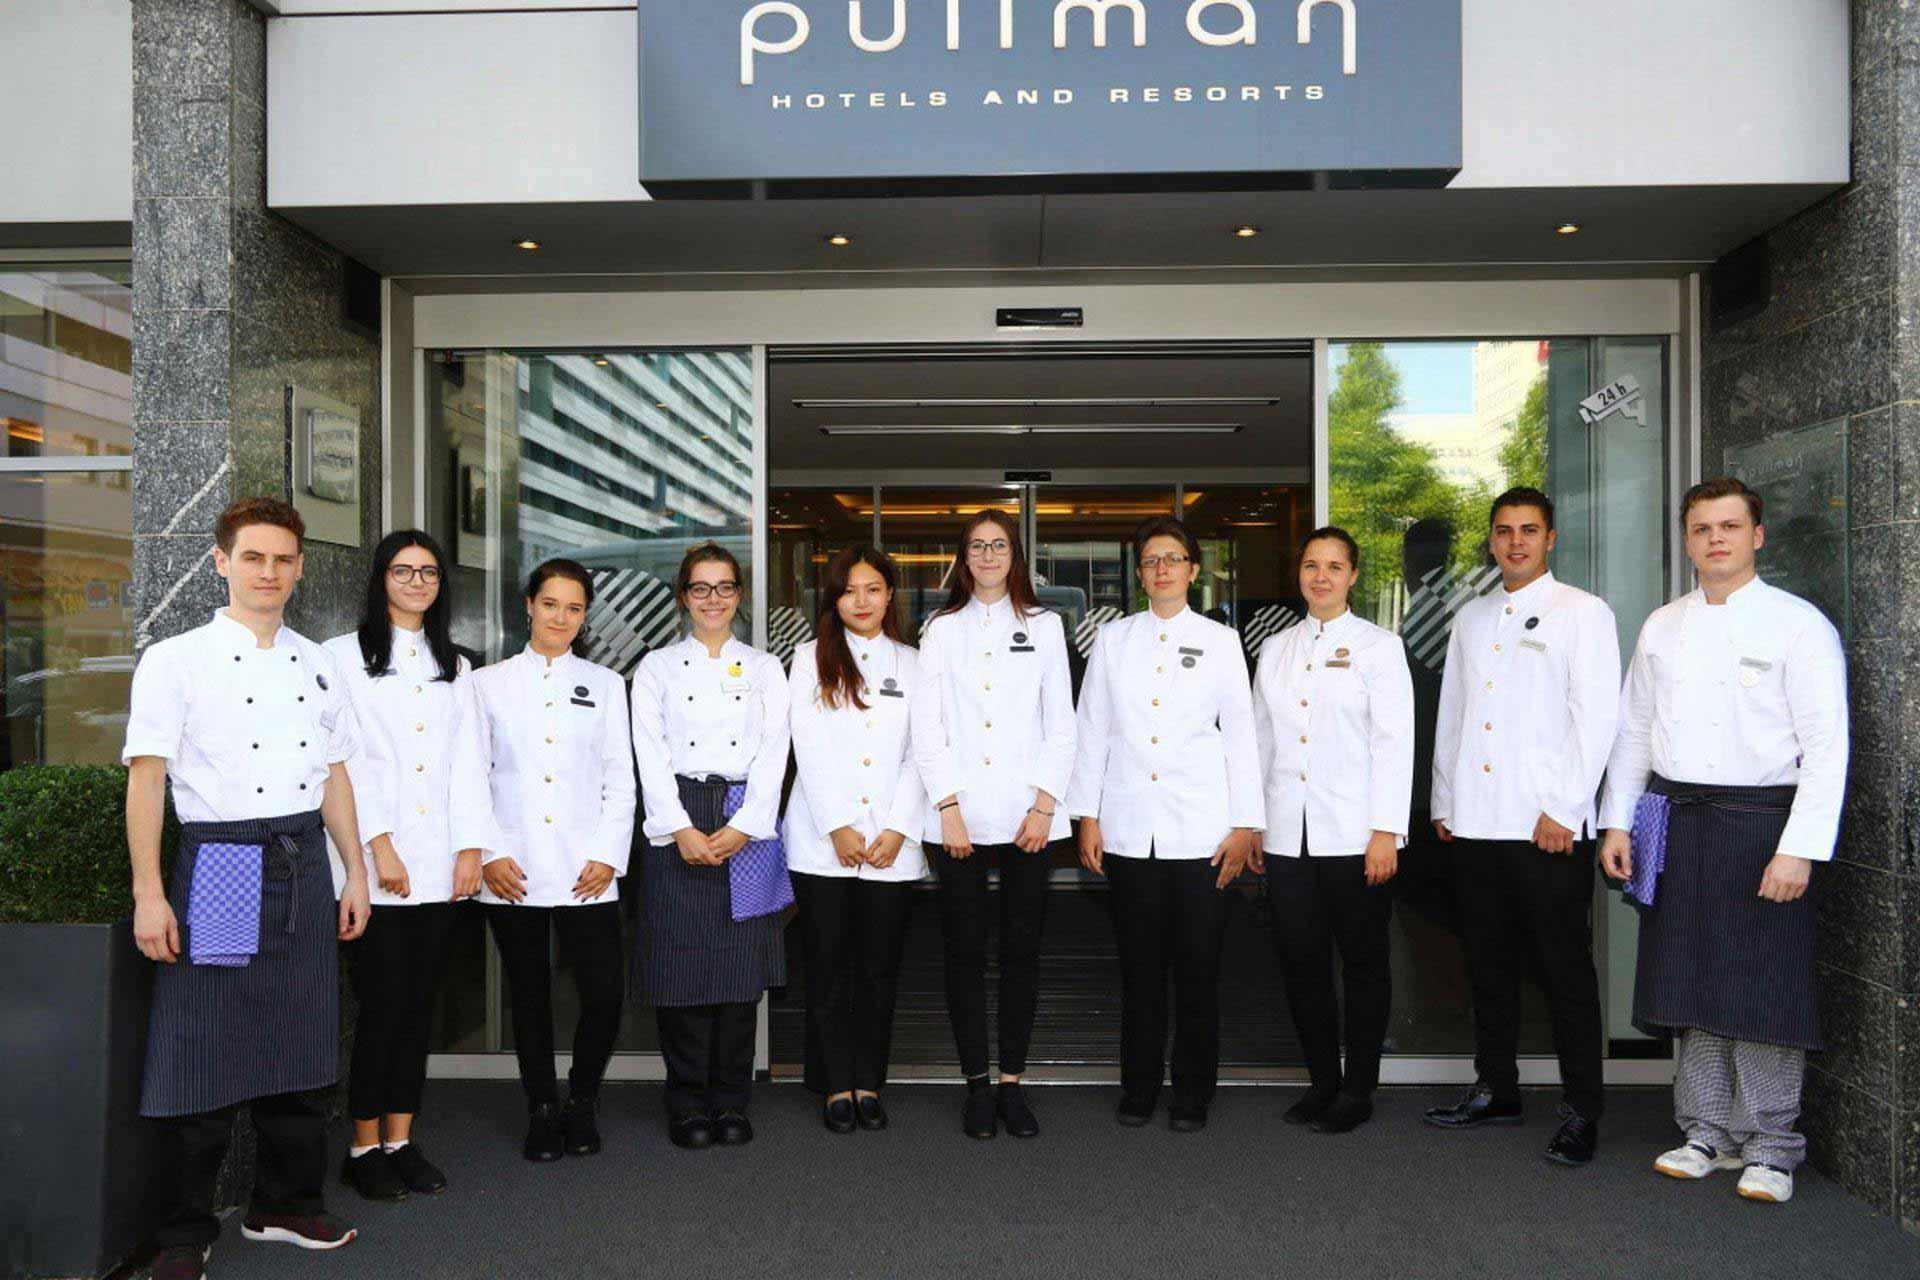 Neue azubis sind da ausbildung im pullman hotel dresden newa for Pullman newa dresden